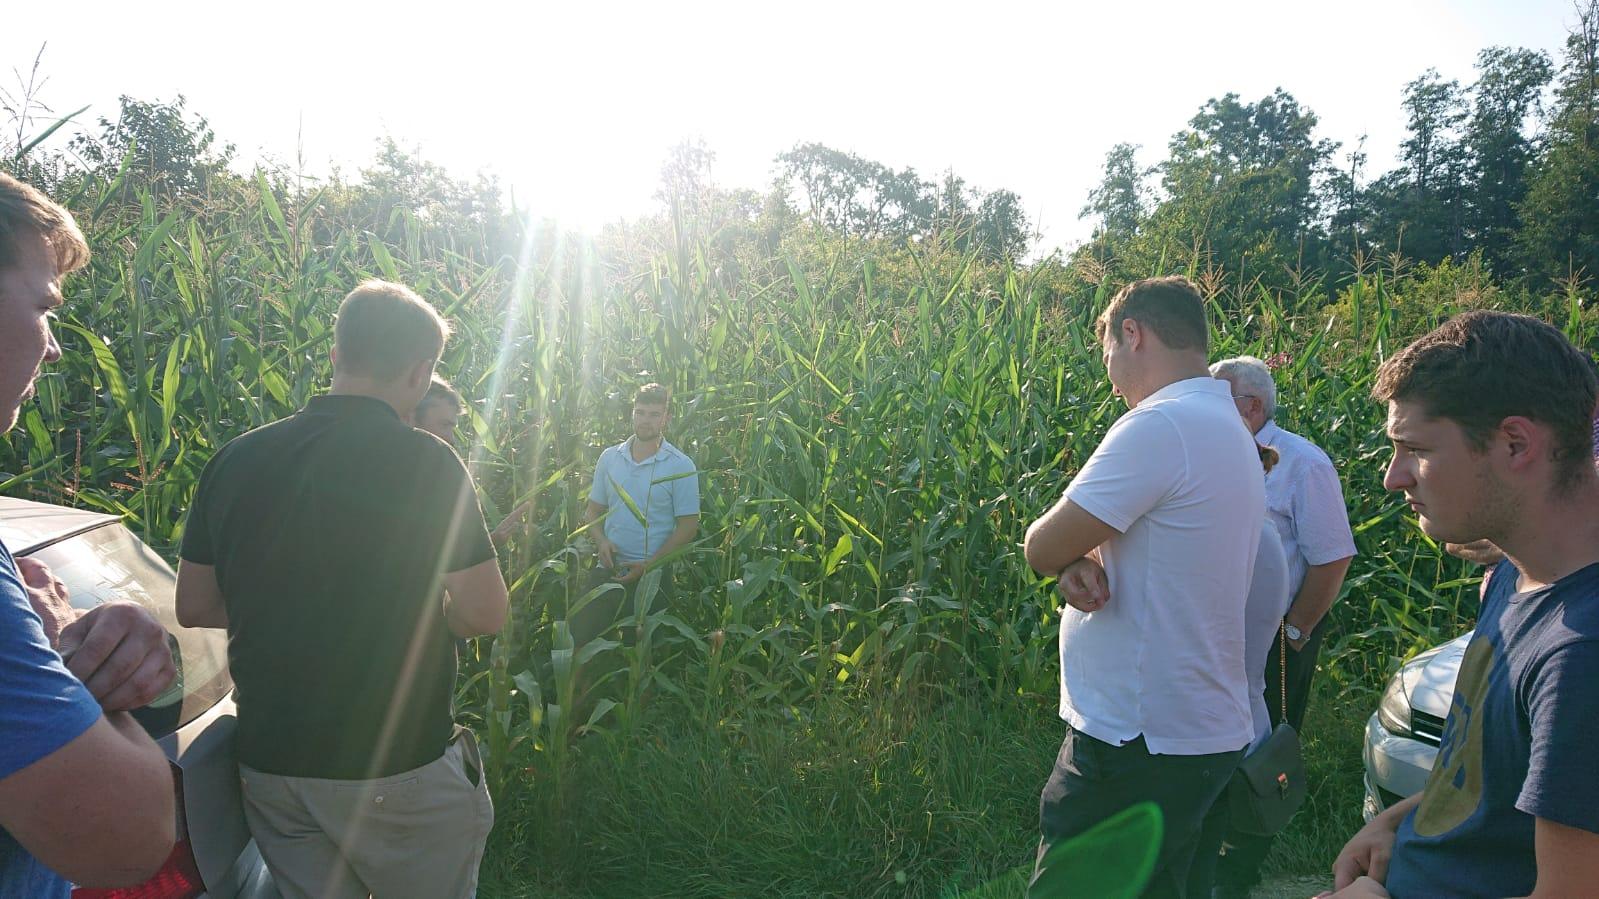 exkursion-moderne-ansaetze-in-der-biogaslandwirtschaft.jpg